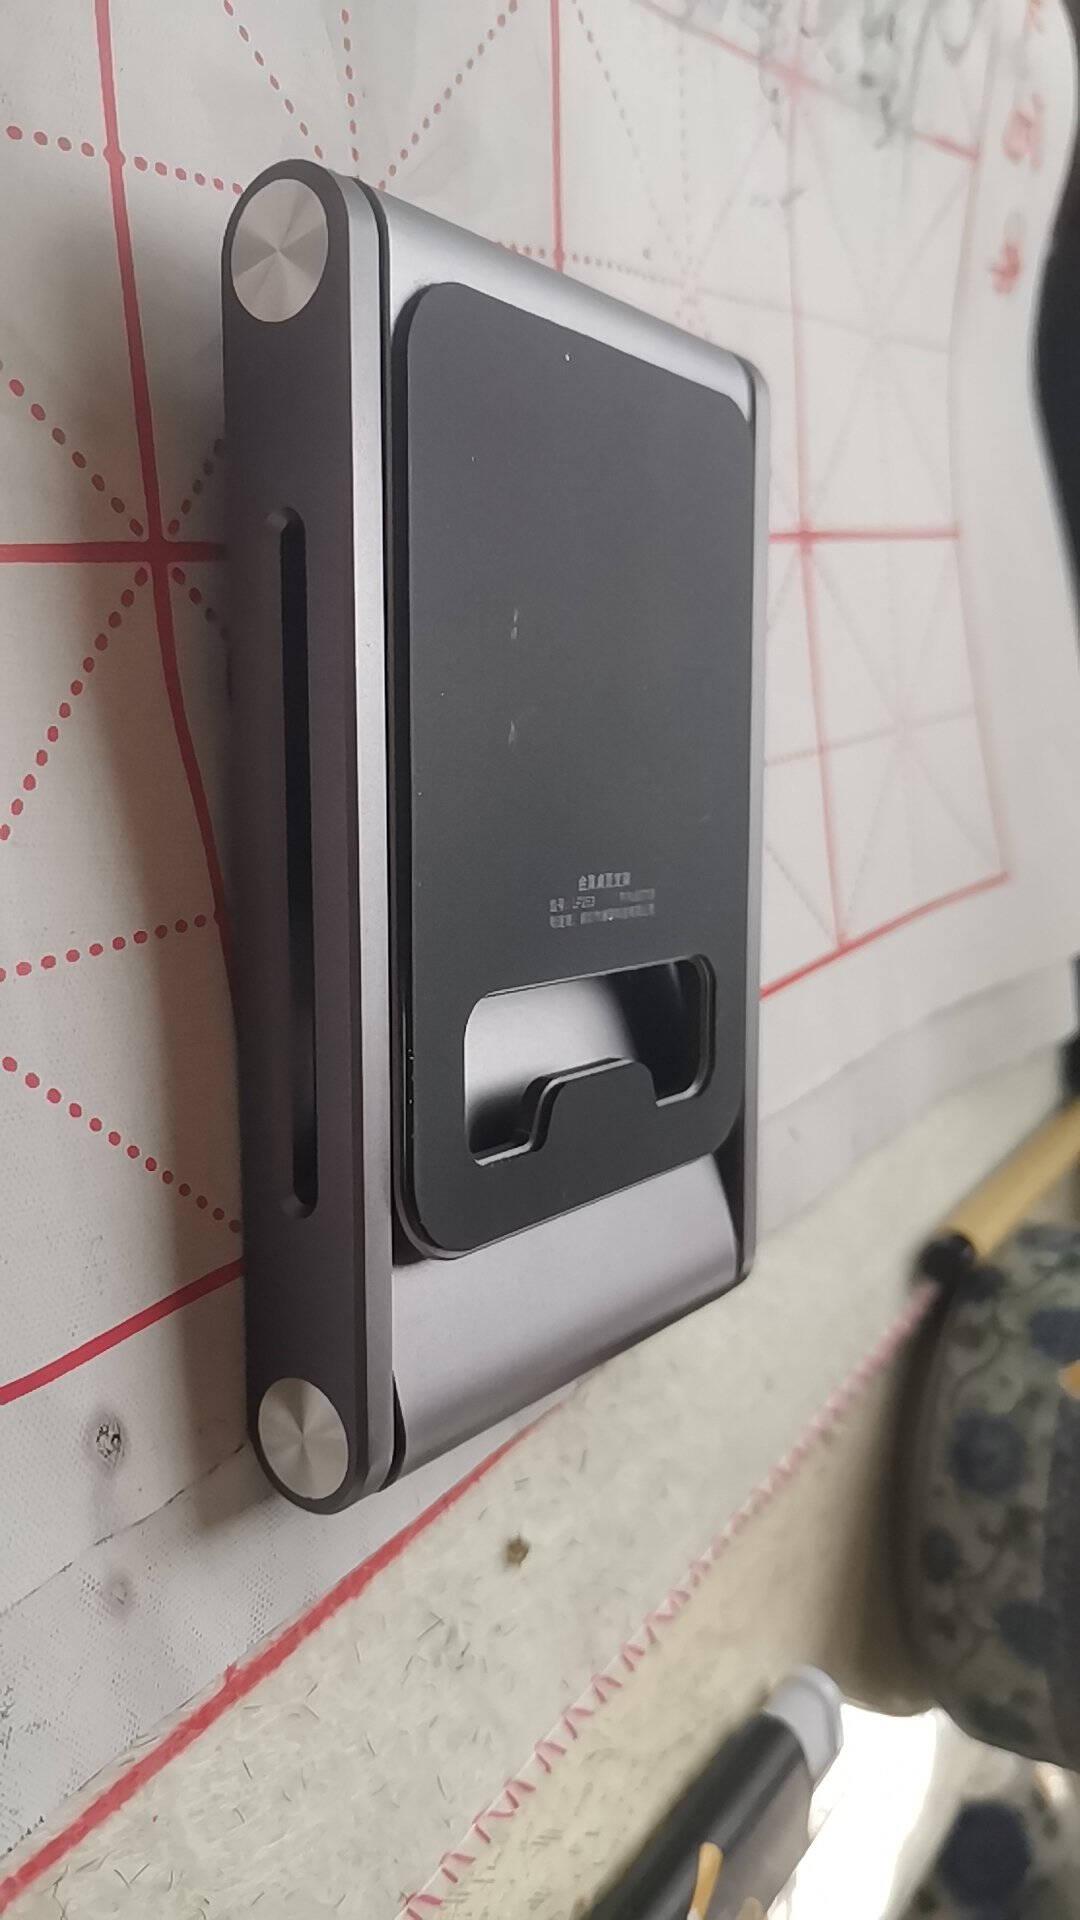 绿联手机支架桌面ipad平板懒人支架铝合金折叠便携床头支撑架网课直播手机座通用华为手机架子深空灰80708